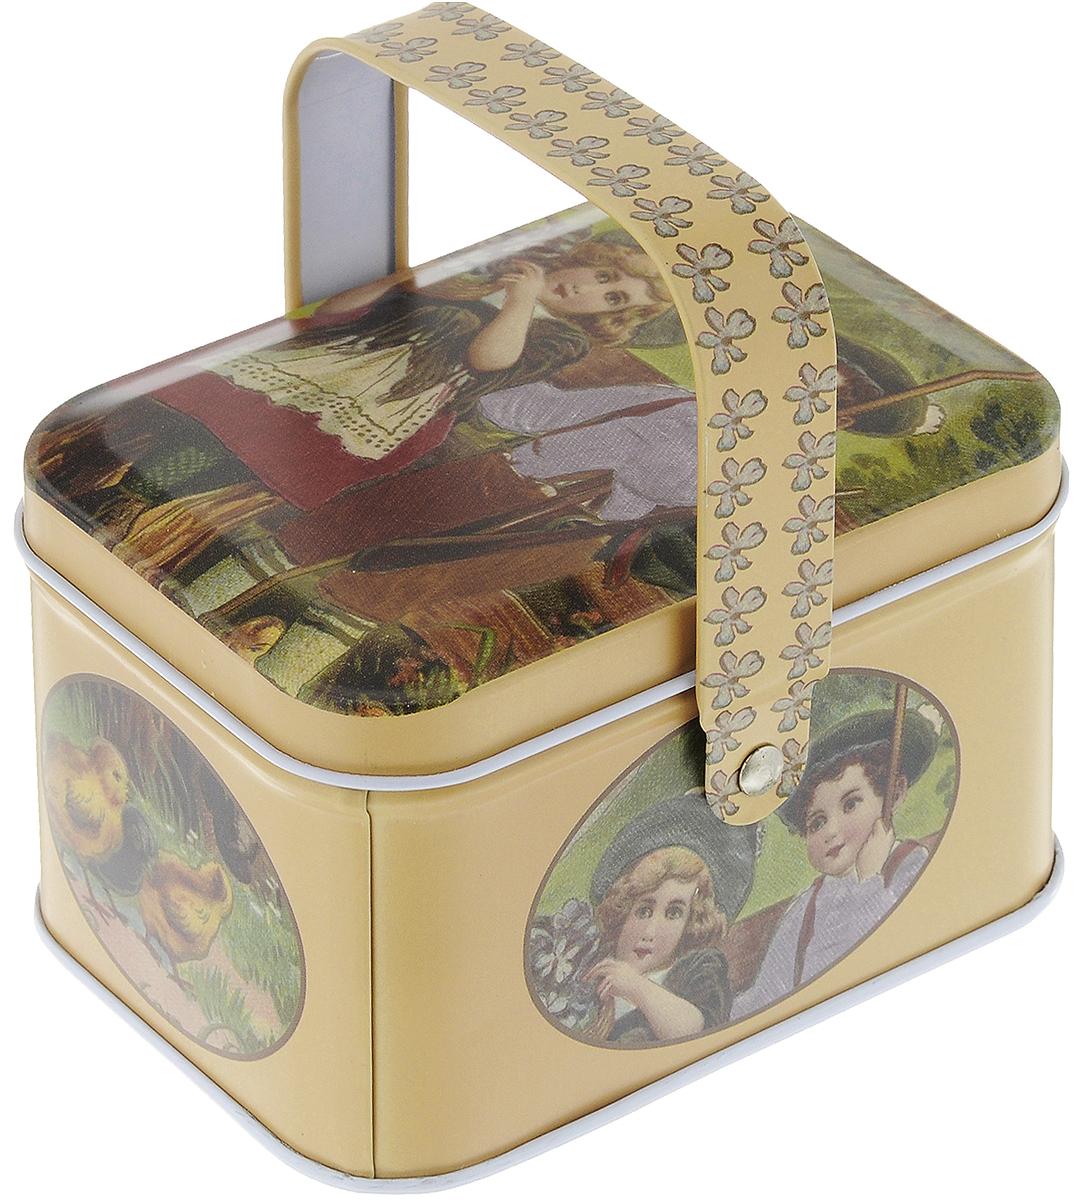 Коробка для хранения мелочей Hobby & Pro, 10,5 х 8 х 6,2 см. 7712762/9410017712762/941001Коробка для хранения мелочей Hobby & Pro, выполненная из металла, станет практичным решением для хранения швейных принадлежностей. Внешняя поверхность оформлена красивым рисунком. Внутри - одно отделение. Такая оригинальная коробка подойдет для хранения разных предметов рукоделия: ниток, иголок, бусин, кнопок и многого другого. Для переноски имеется удобная ручка. Размер коробки (без учета ручки): 10,5 х 8 х 6,2 см. Высота коробки (с учетом ручки): 10 см.